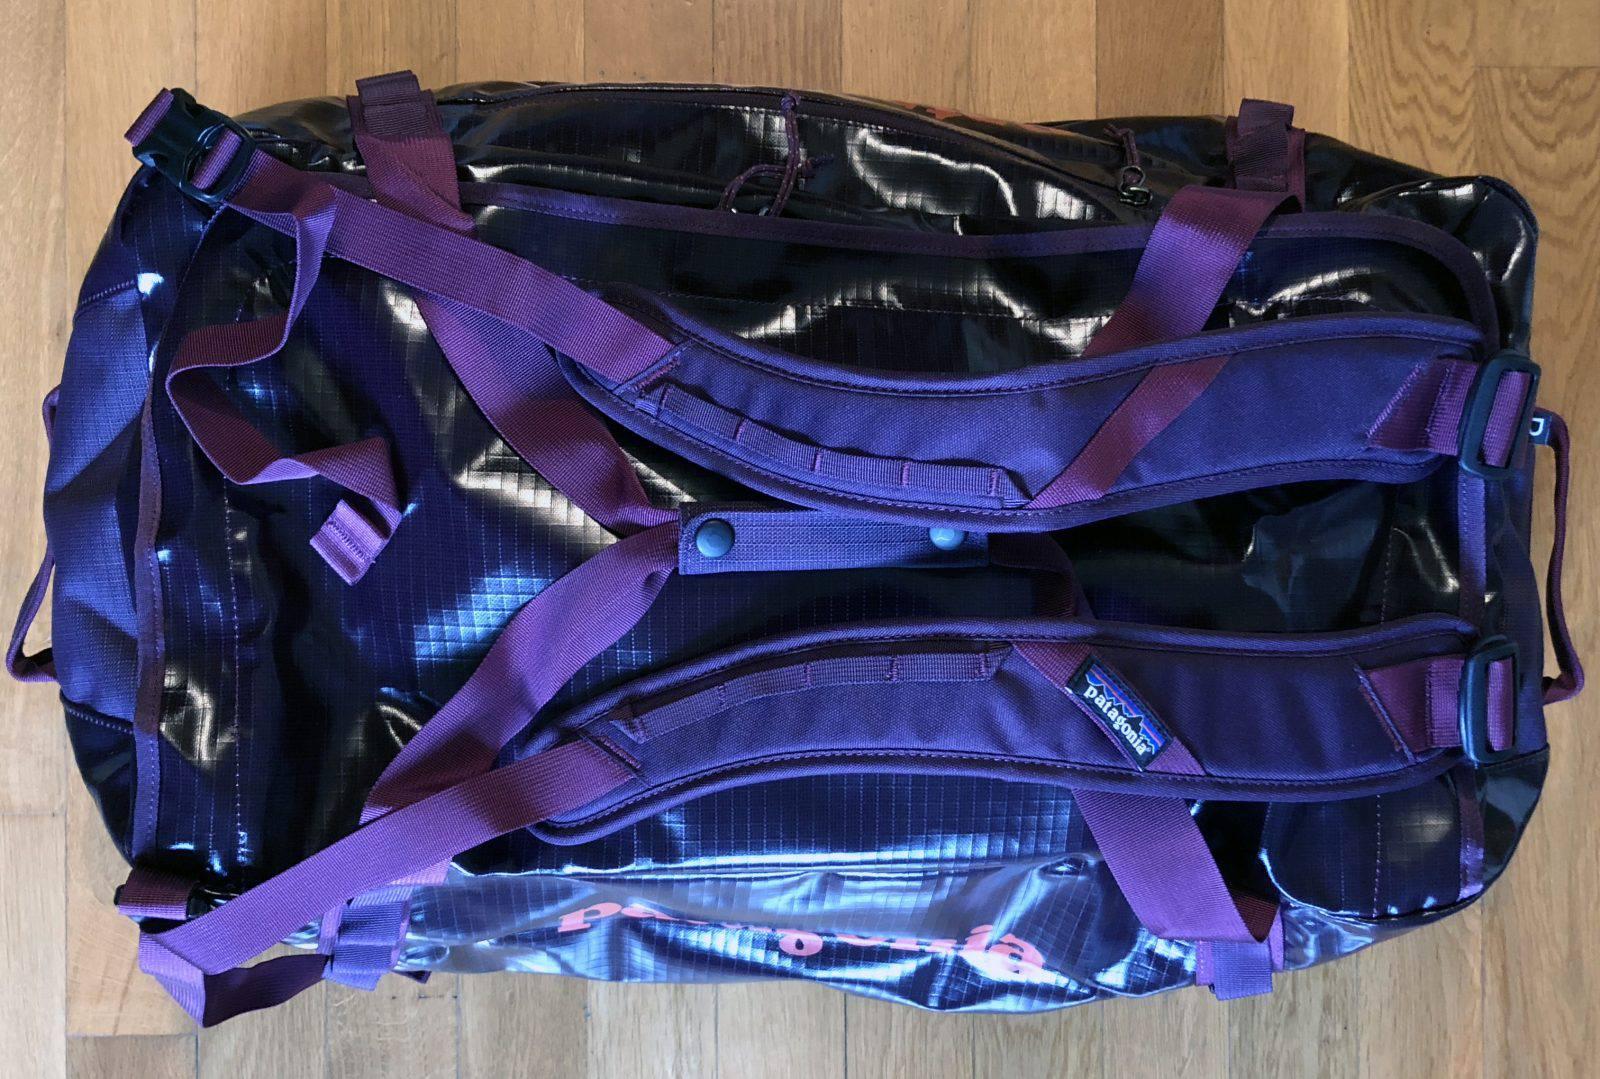 Gli spallacci amovibili della borsa Patagonia Black Hole Duffel Bag